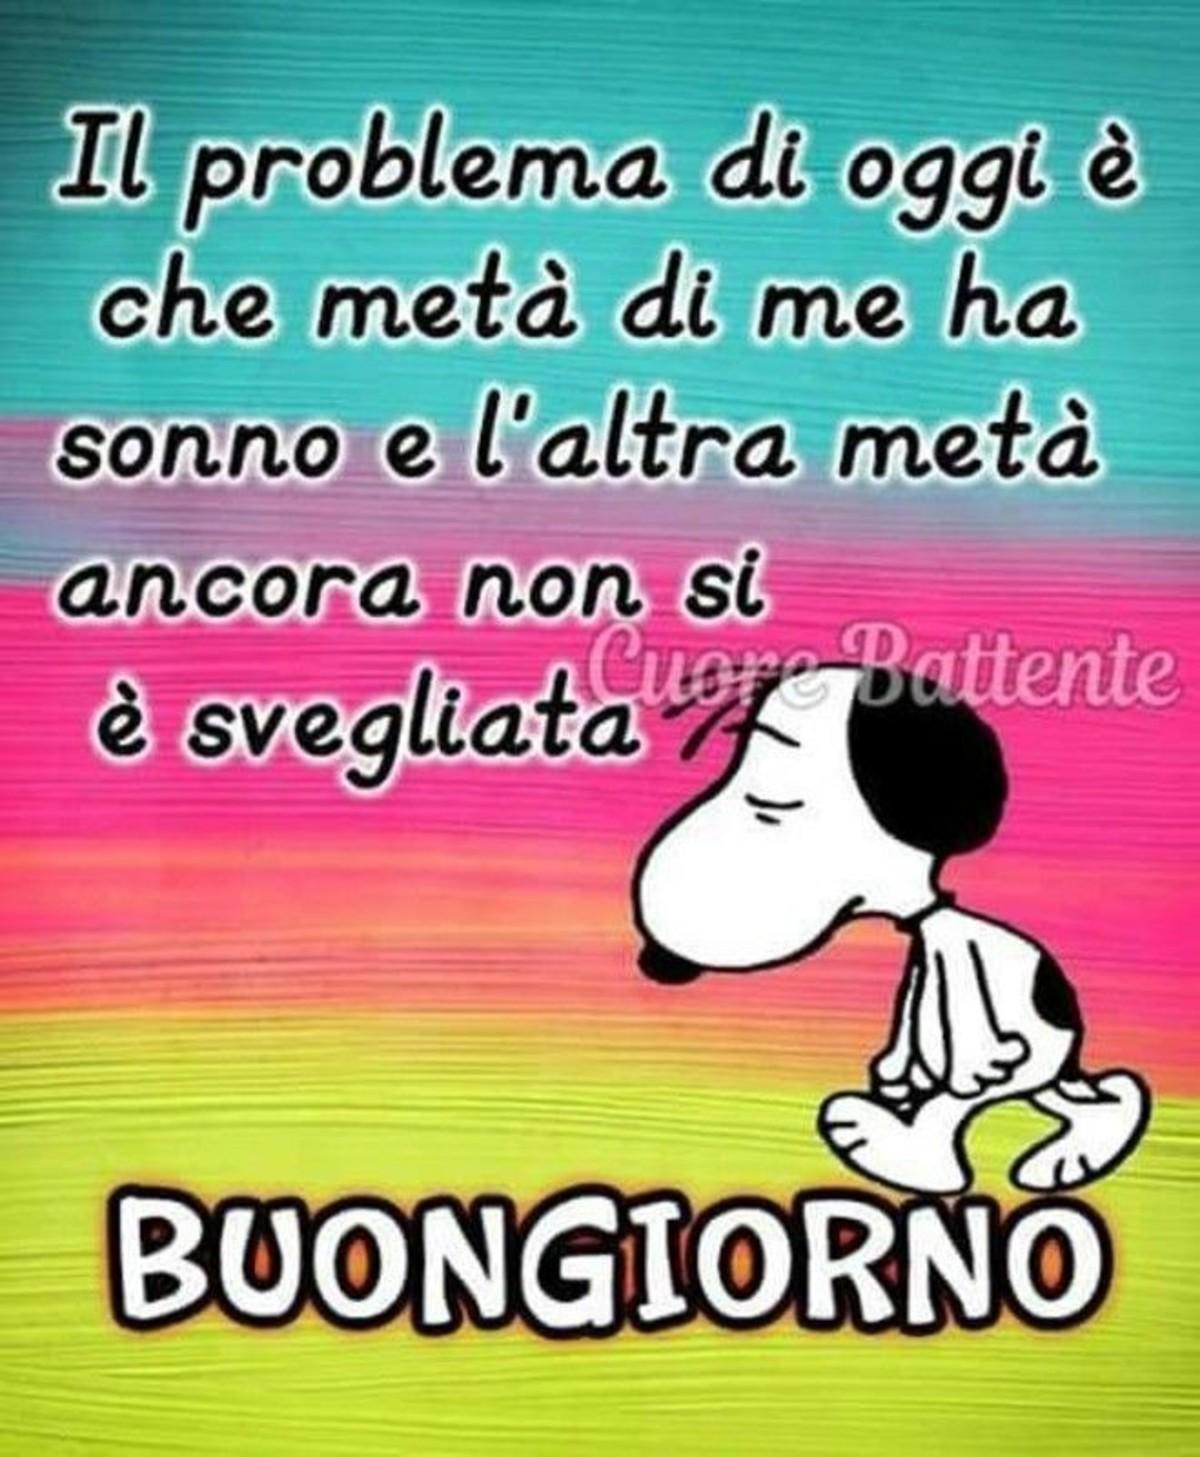 Buongiorno Da Ridere Con Snoopy Buongiornoateit